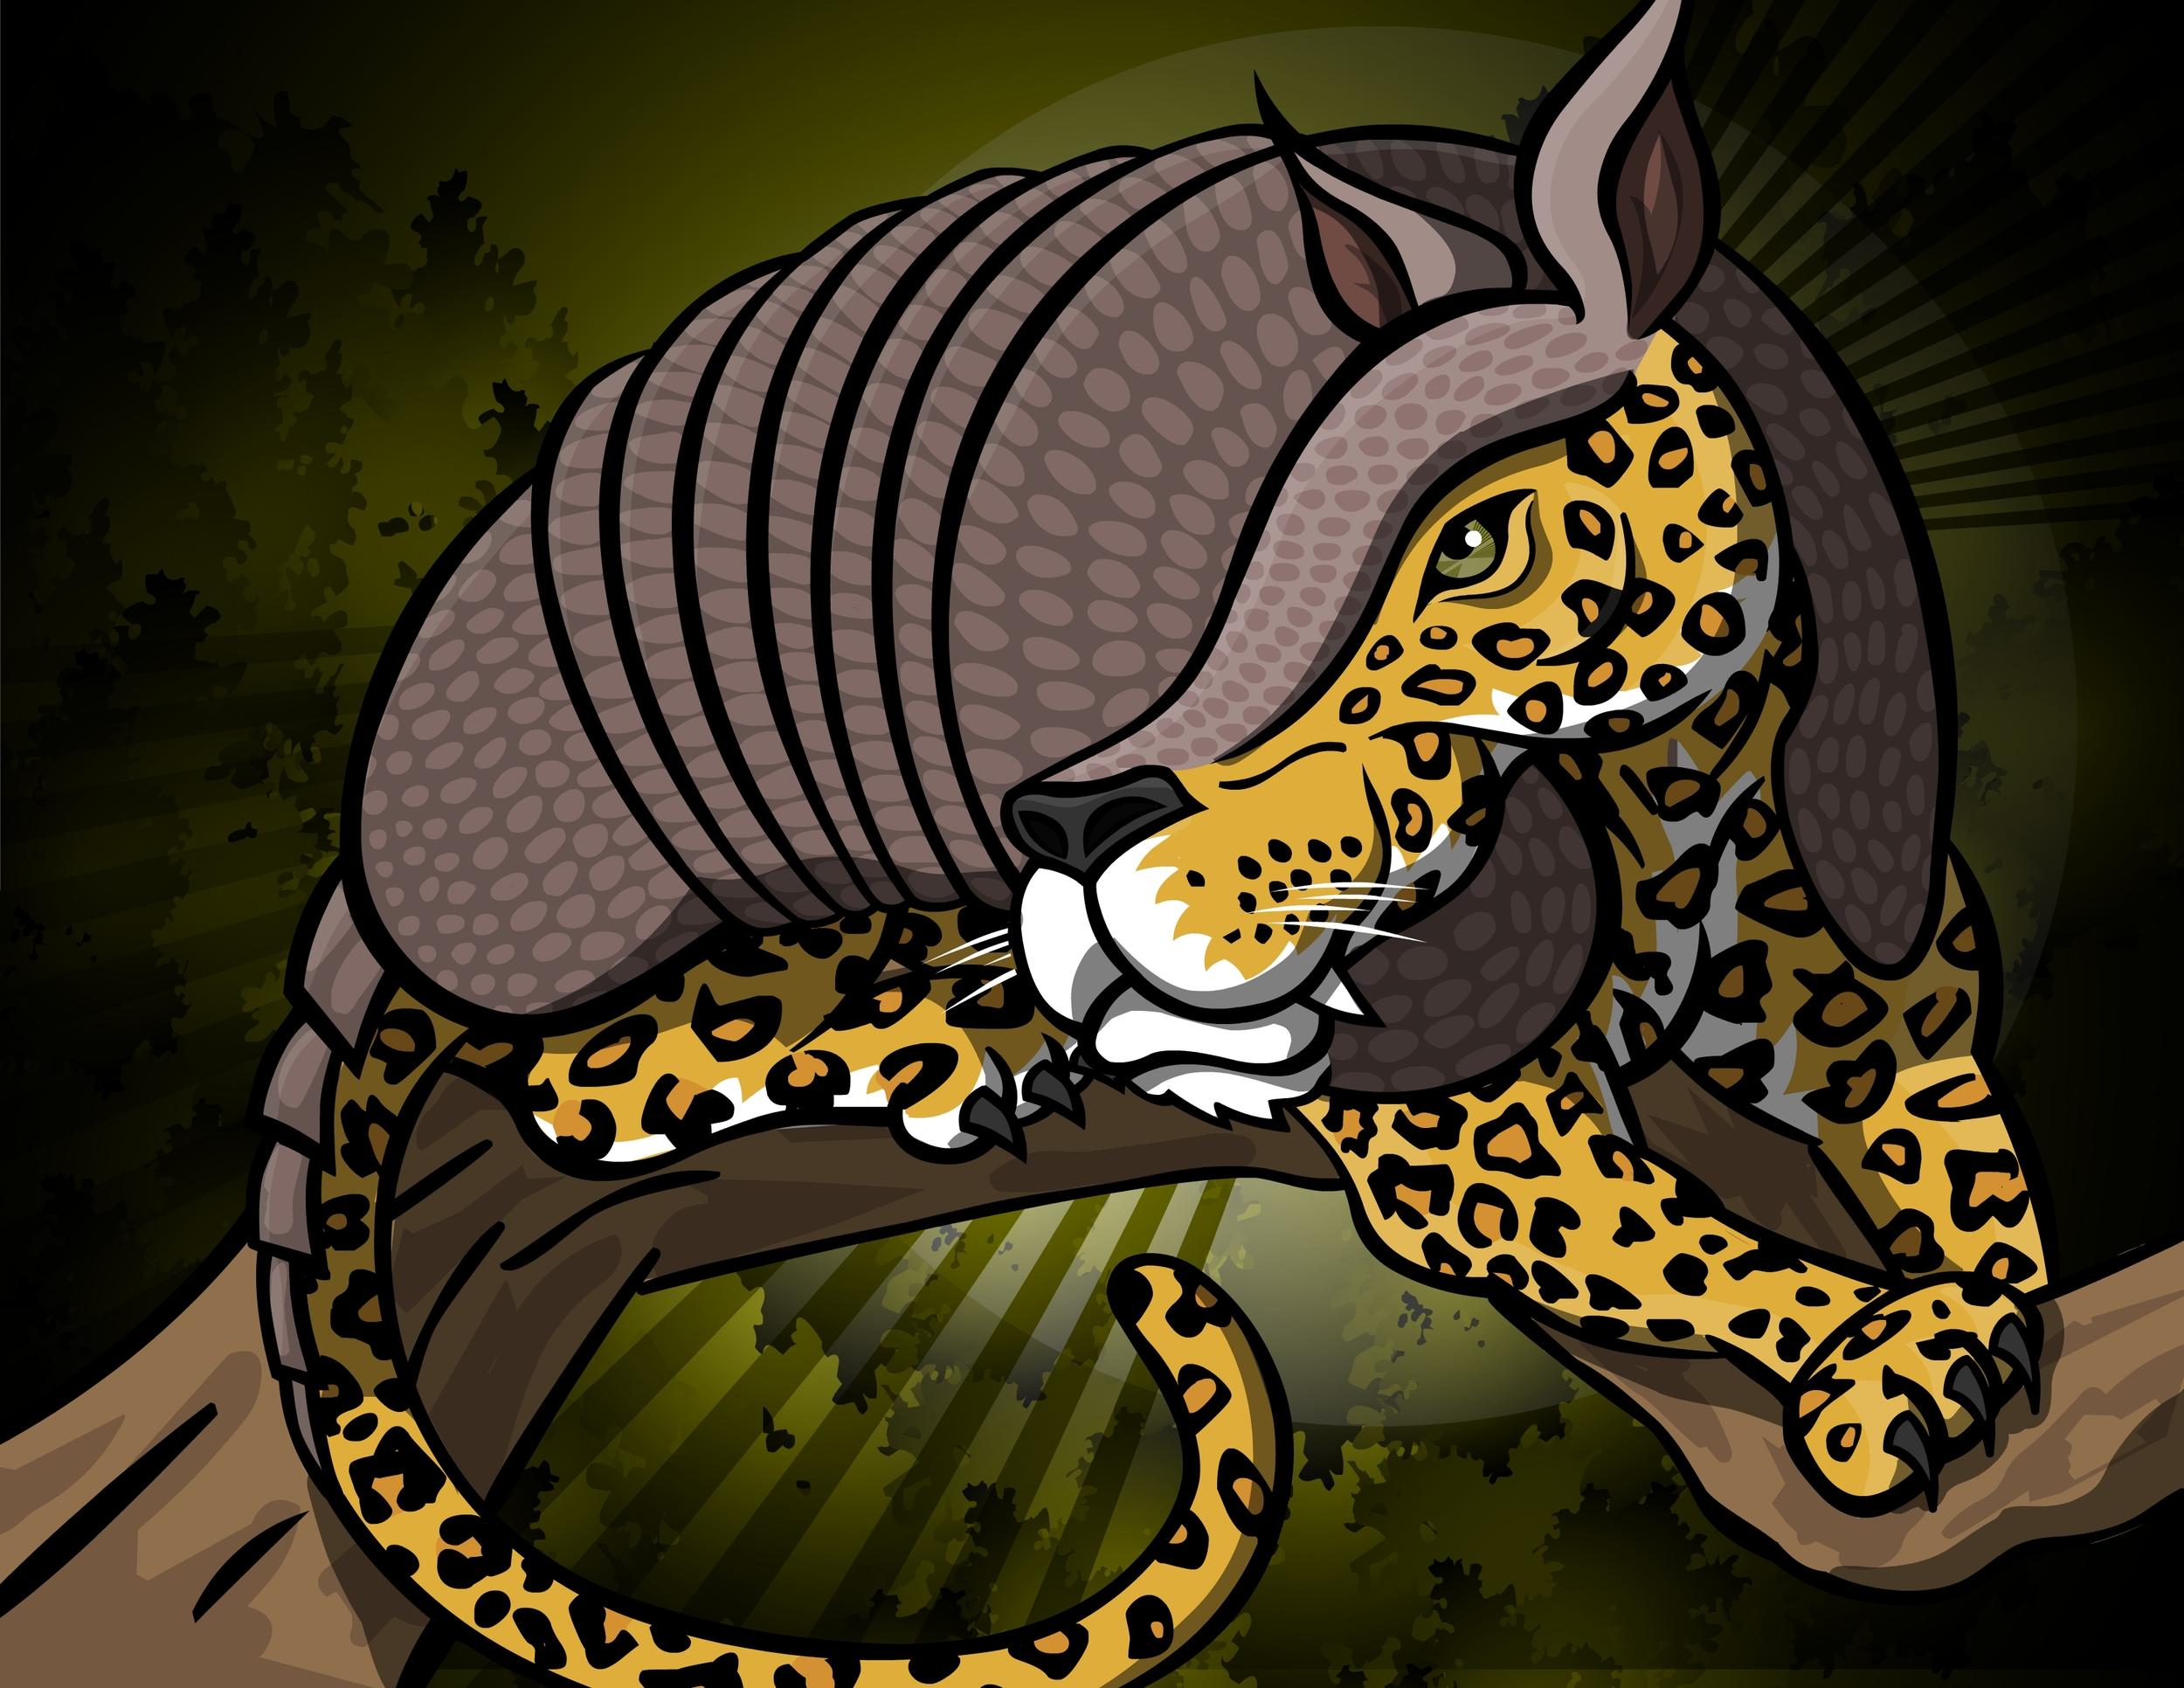 Jaguarmadillo